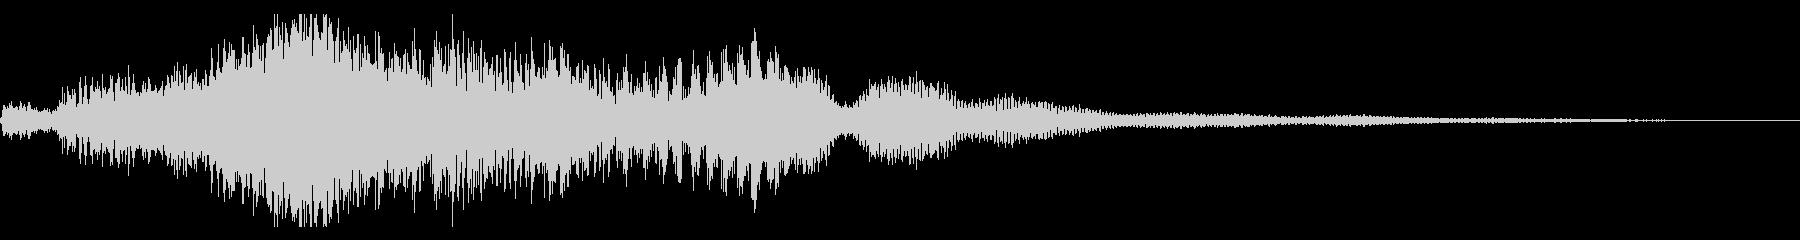 DJ,ラジオ,映像,クリエイター様に19の未再生の波形